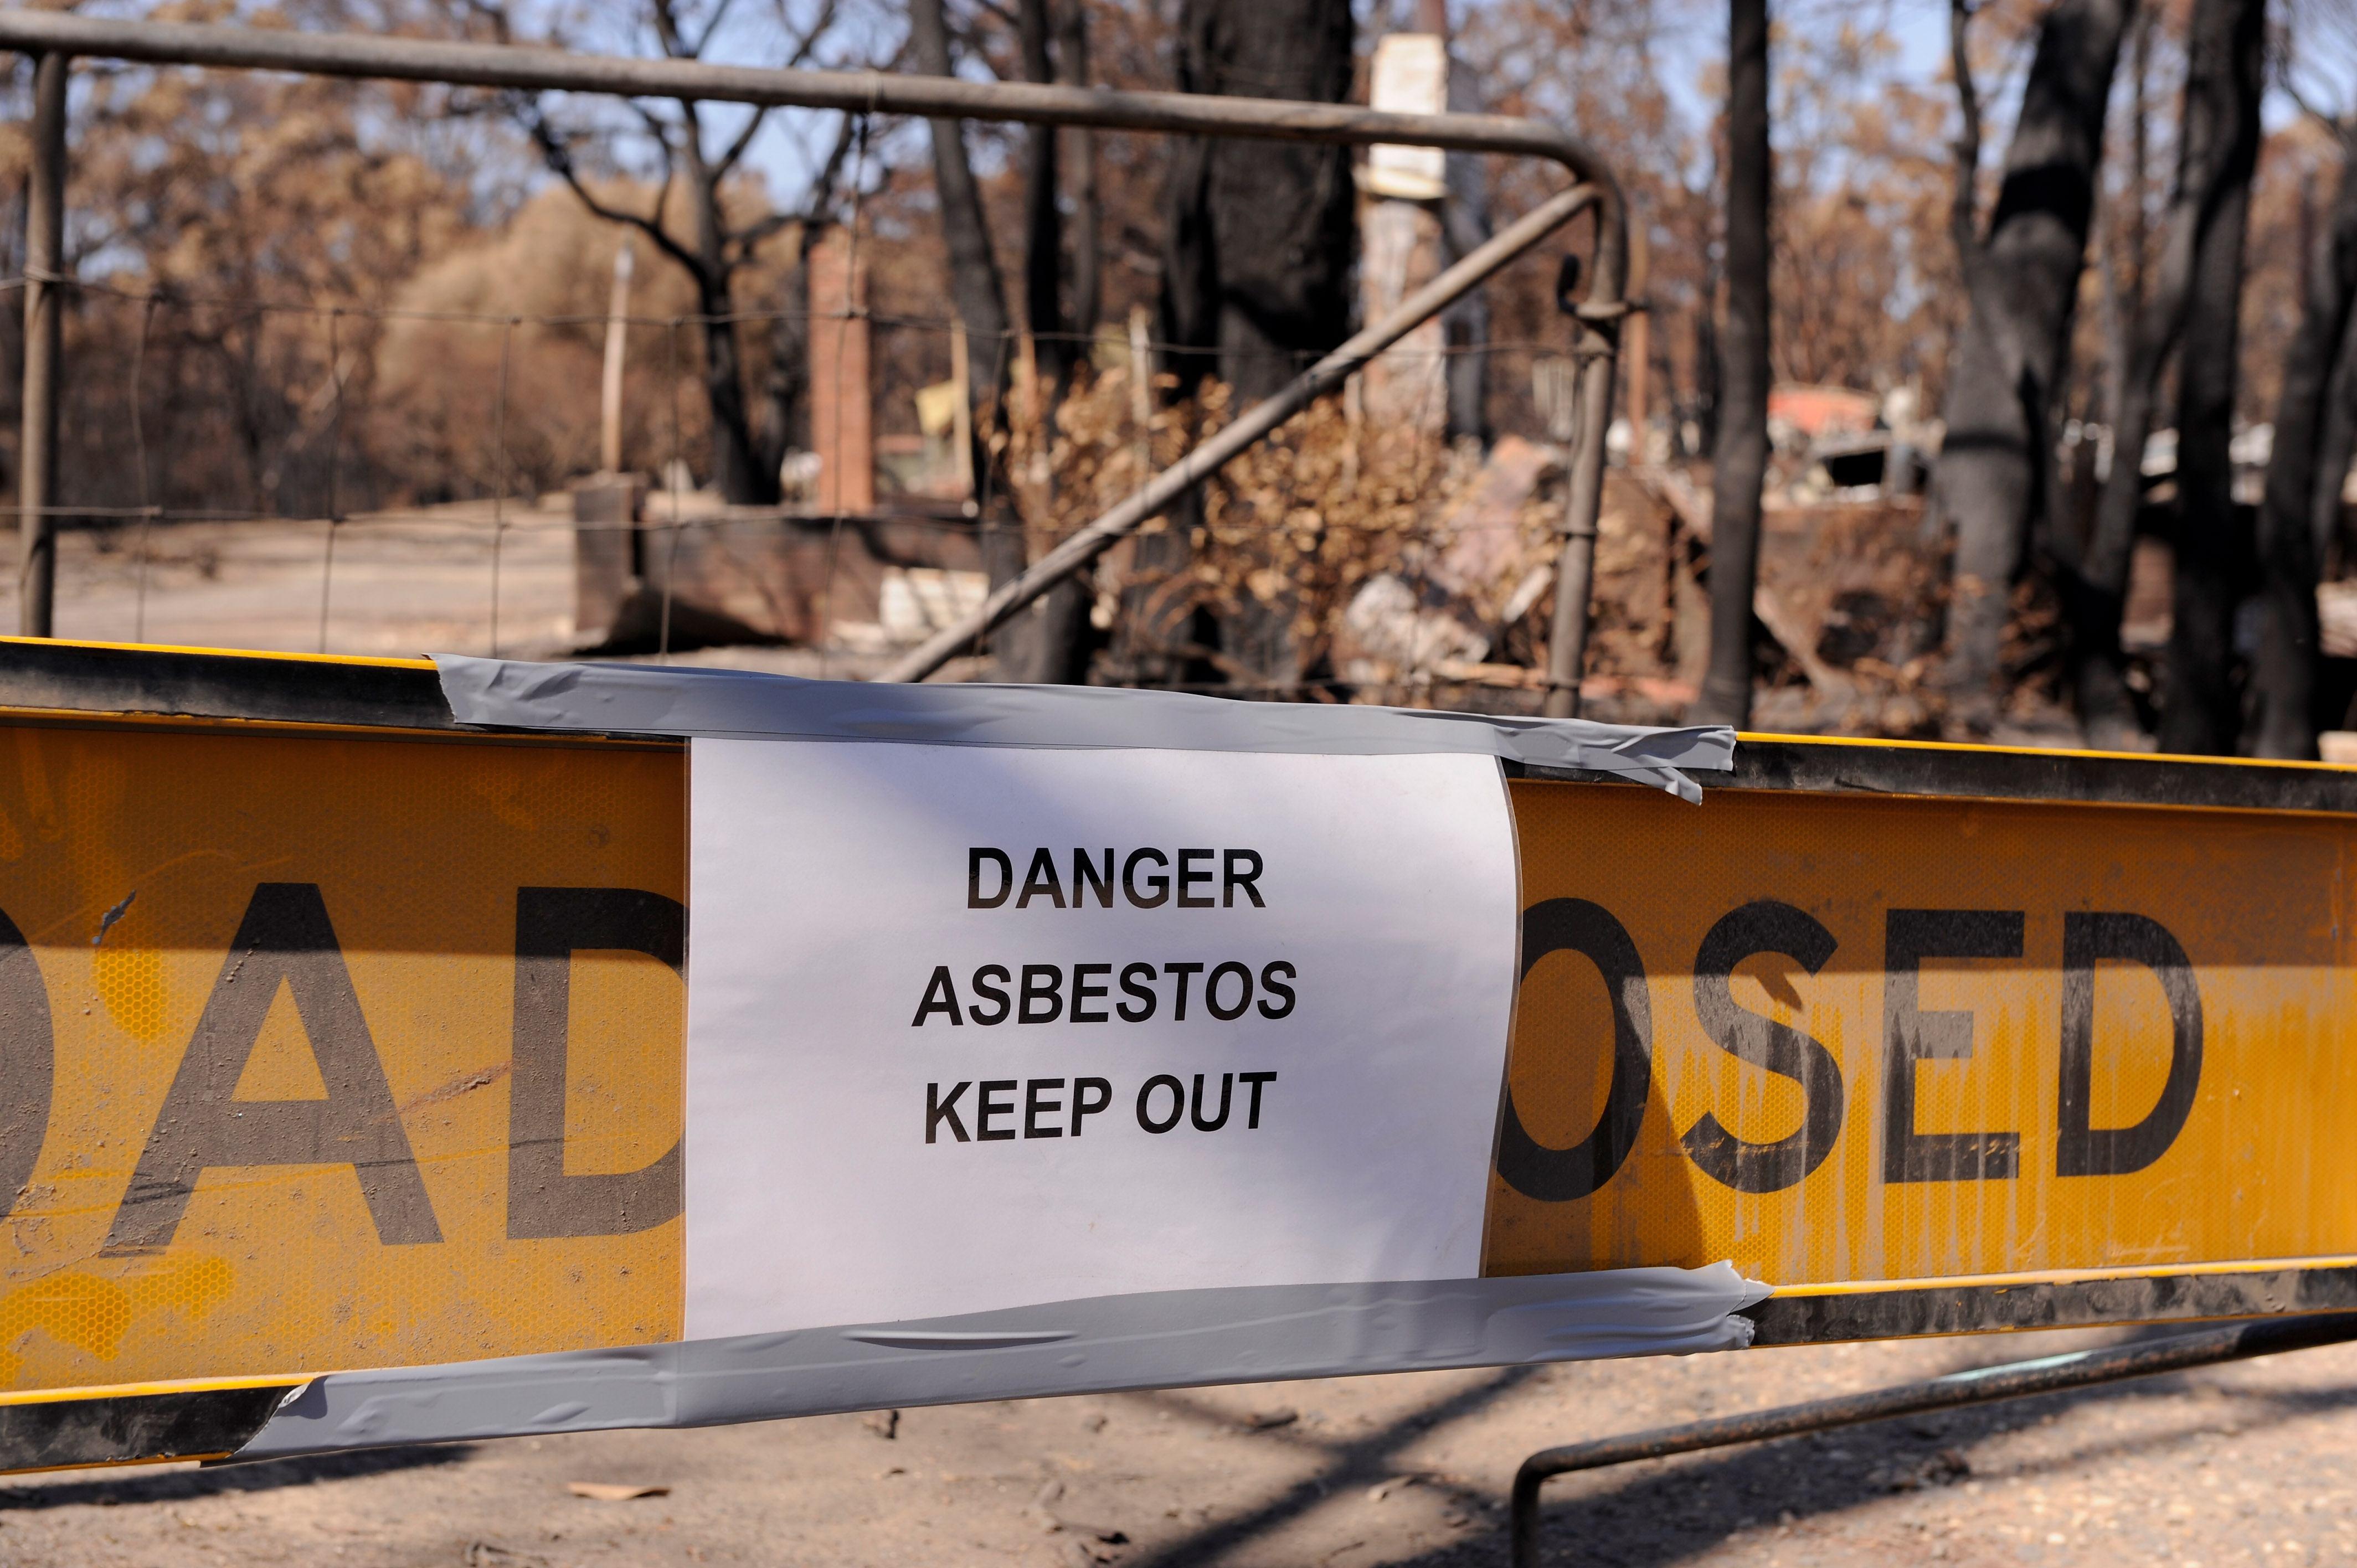 Asbestos, keep out, asbestos deaths